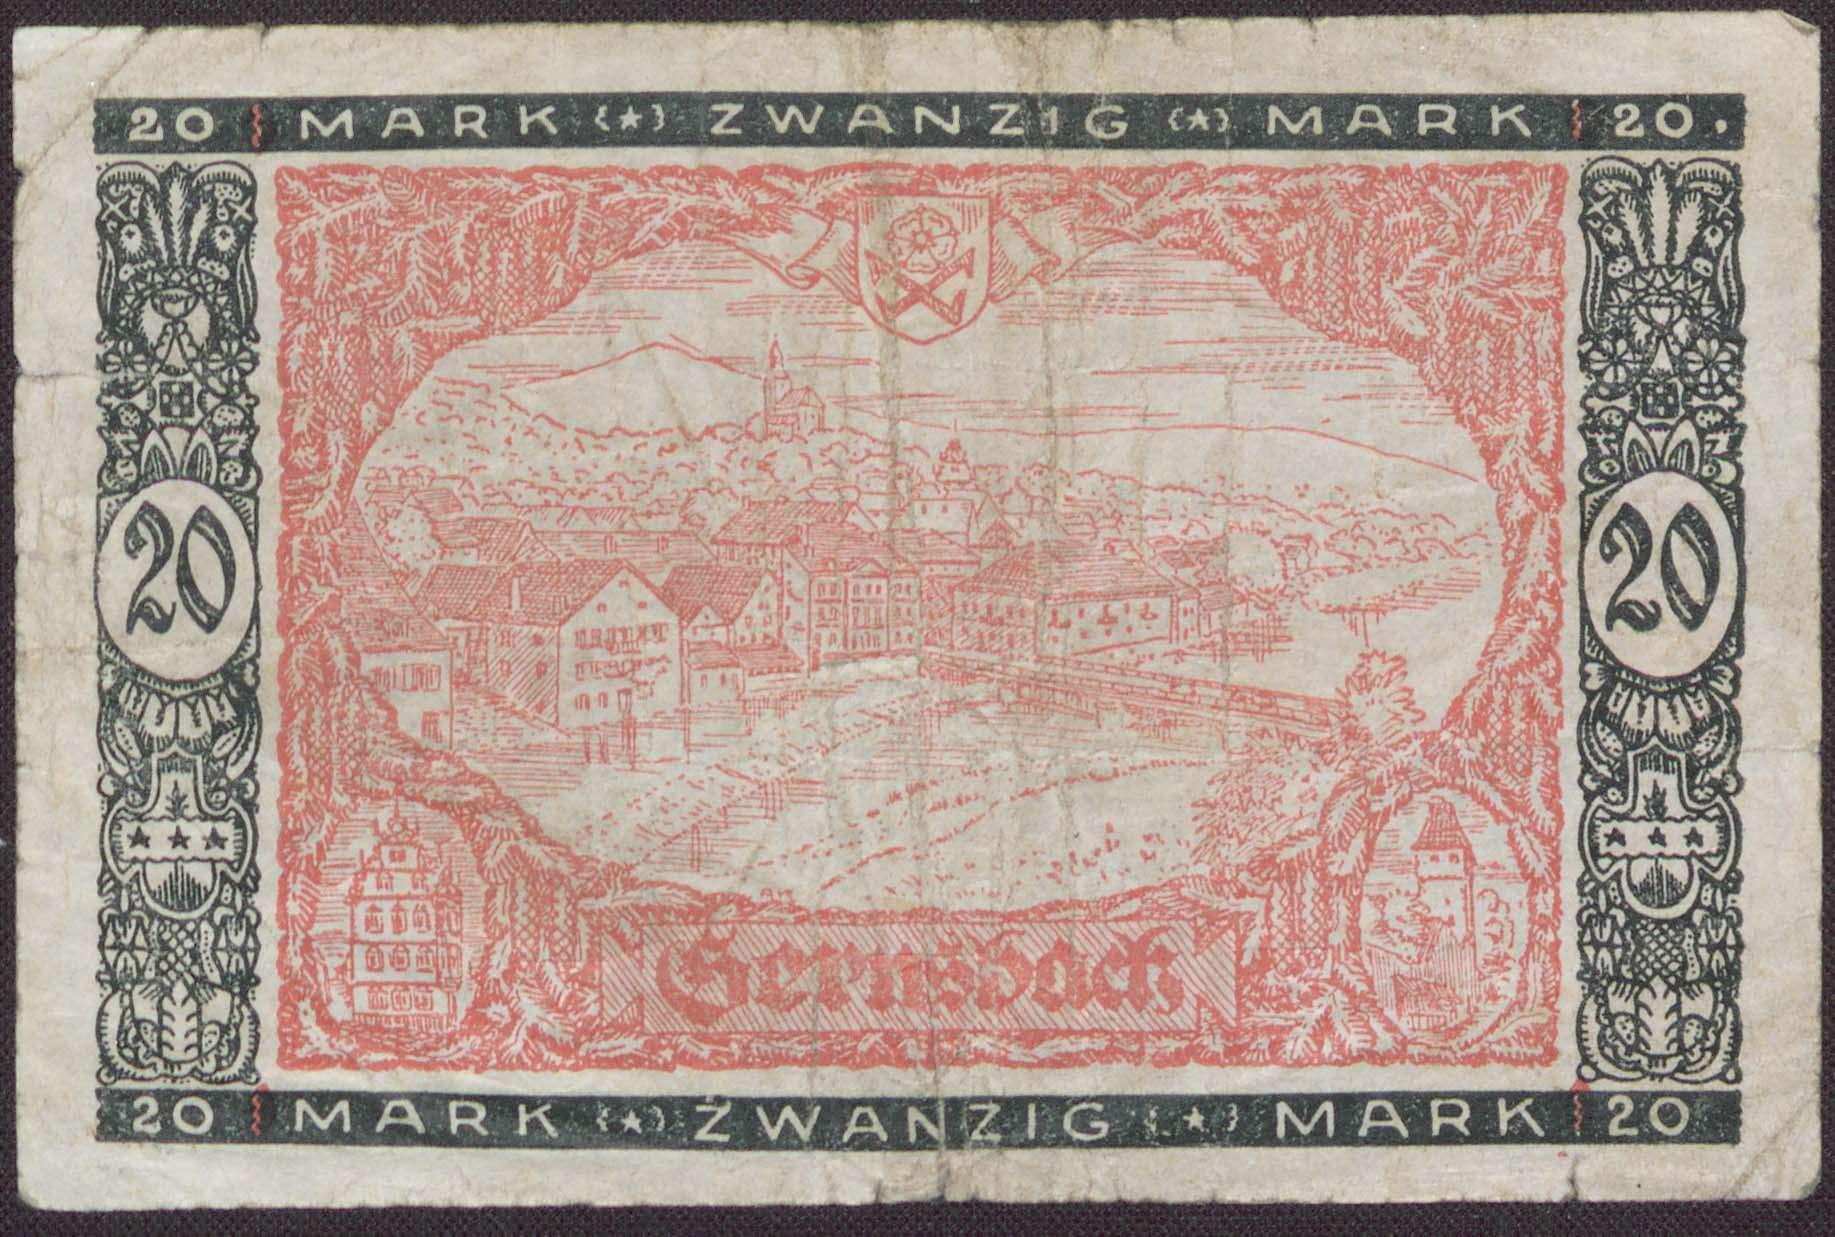 Gaggenau, Gernsbach, Forbach, Bild 2